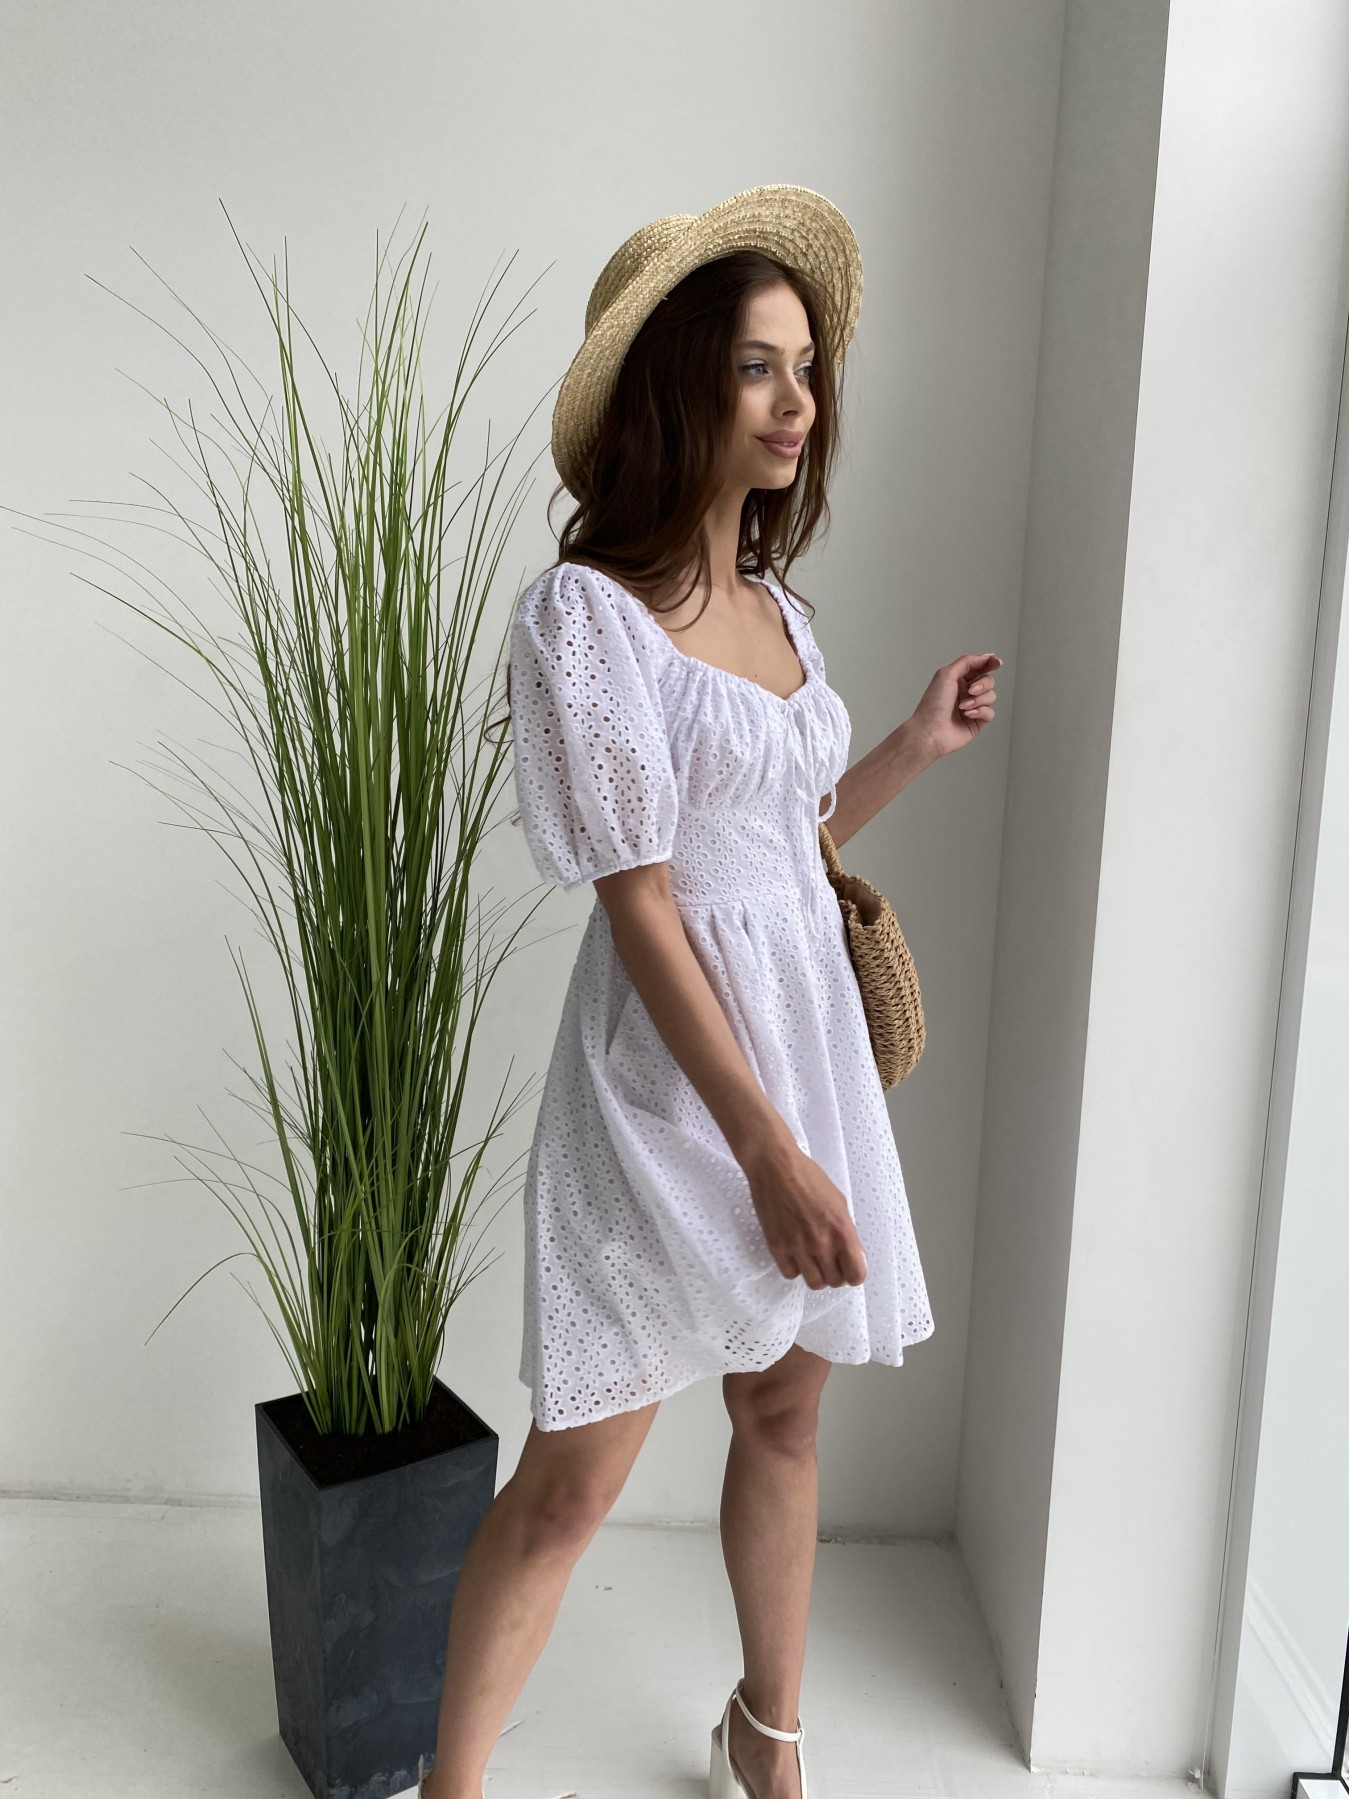 Кисес мини платье из прошвы 11439 АРТ. 48012 Цвет: Белый/МелЦветПерфор - фото 5, интернет магазин tm-modus.ru